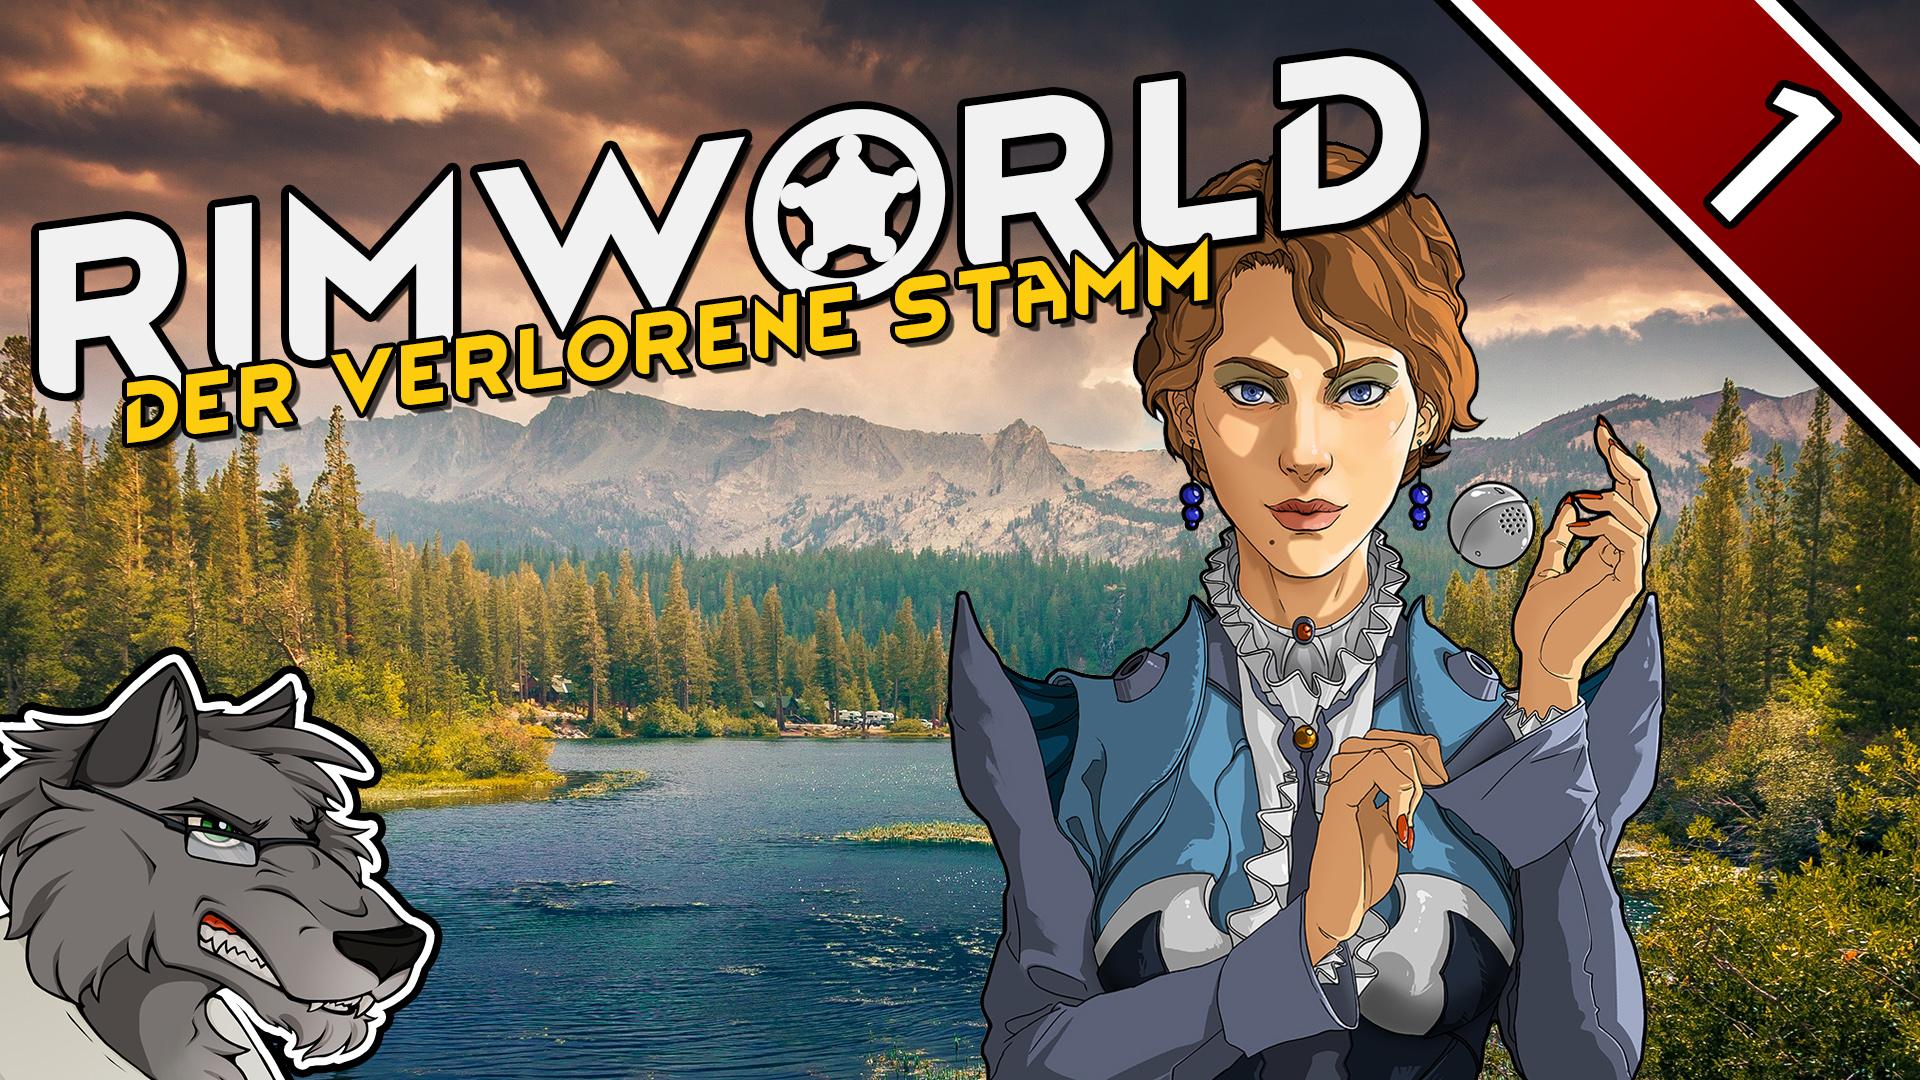 Steam Workshop :: RimWorld - Der verlorene Stamm - Let's